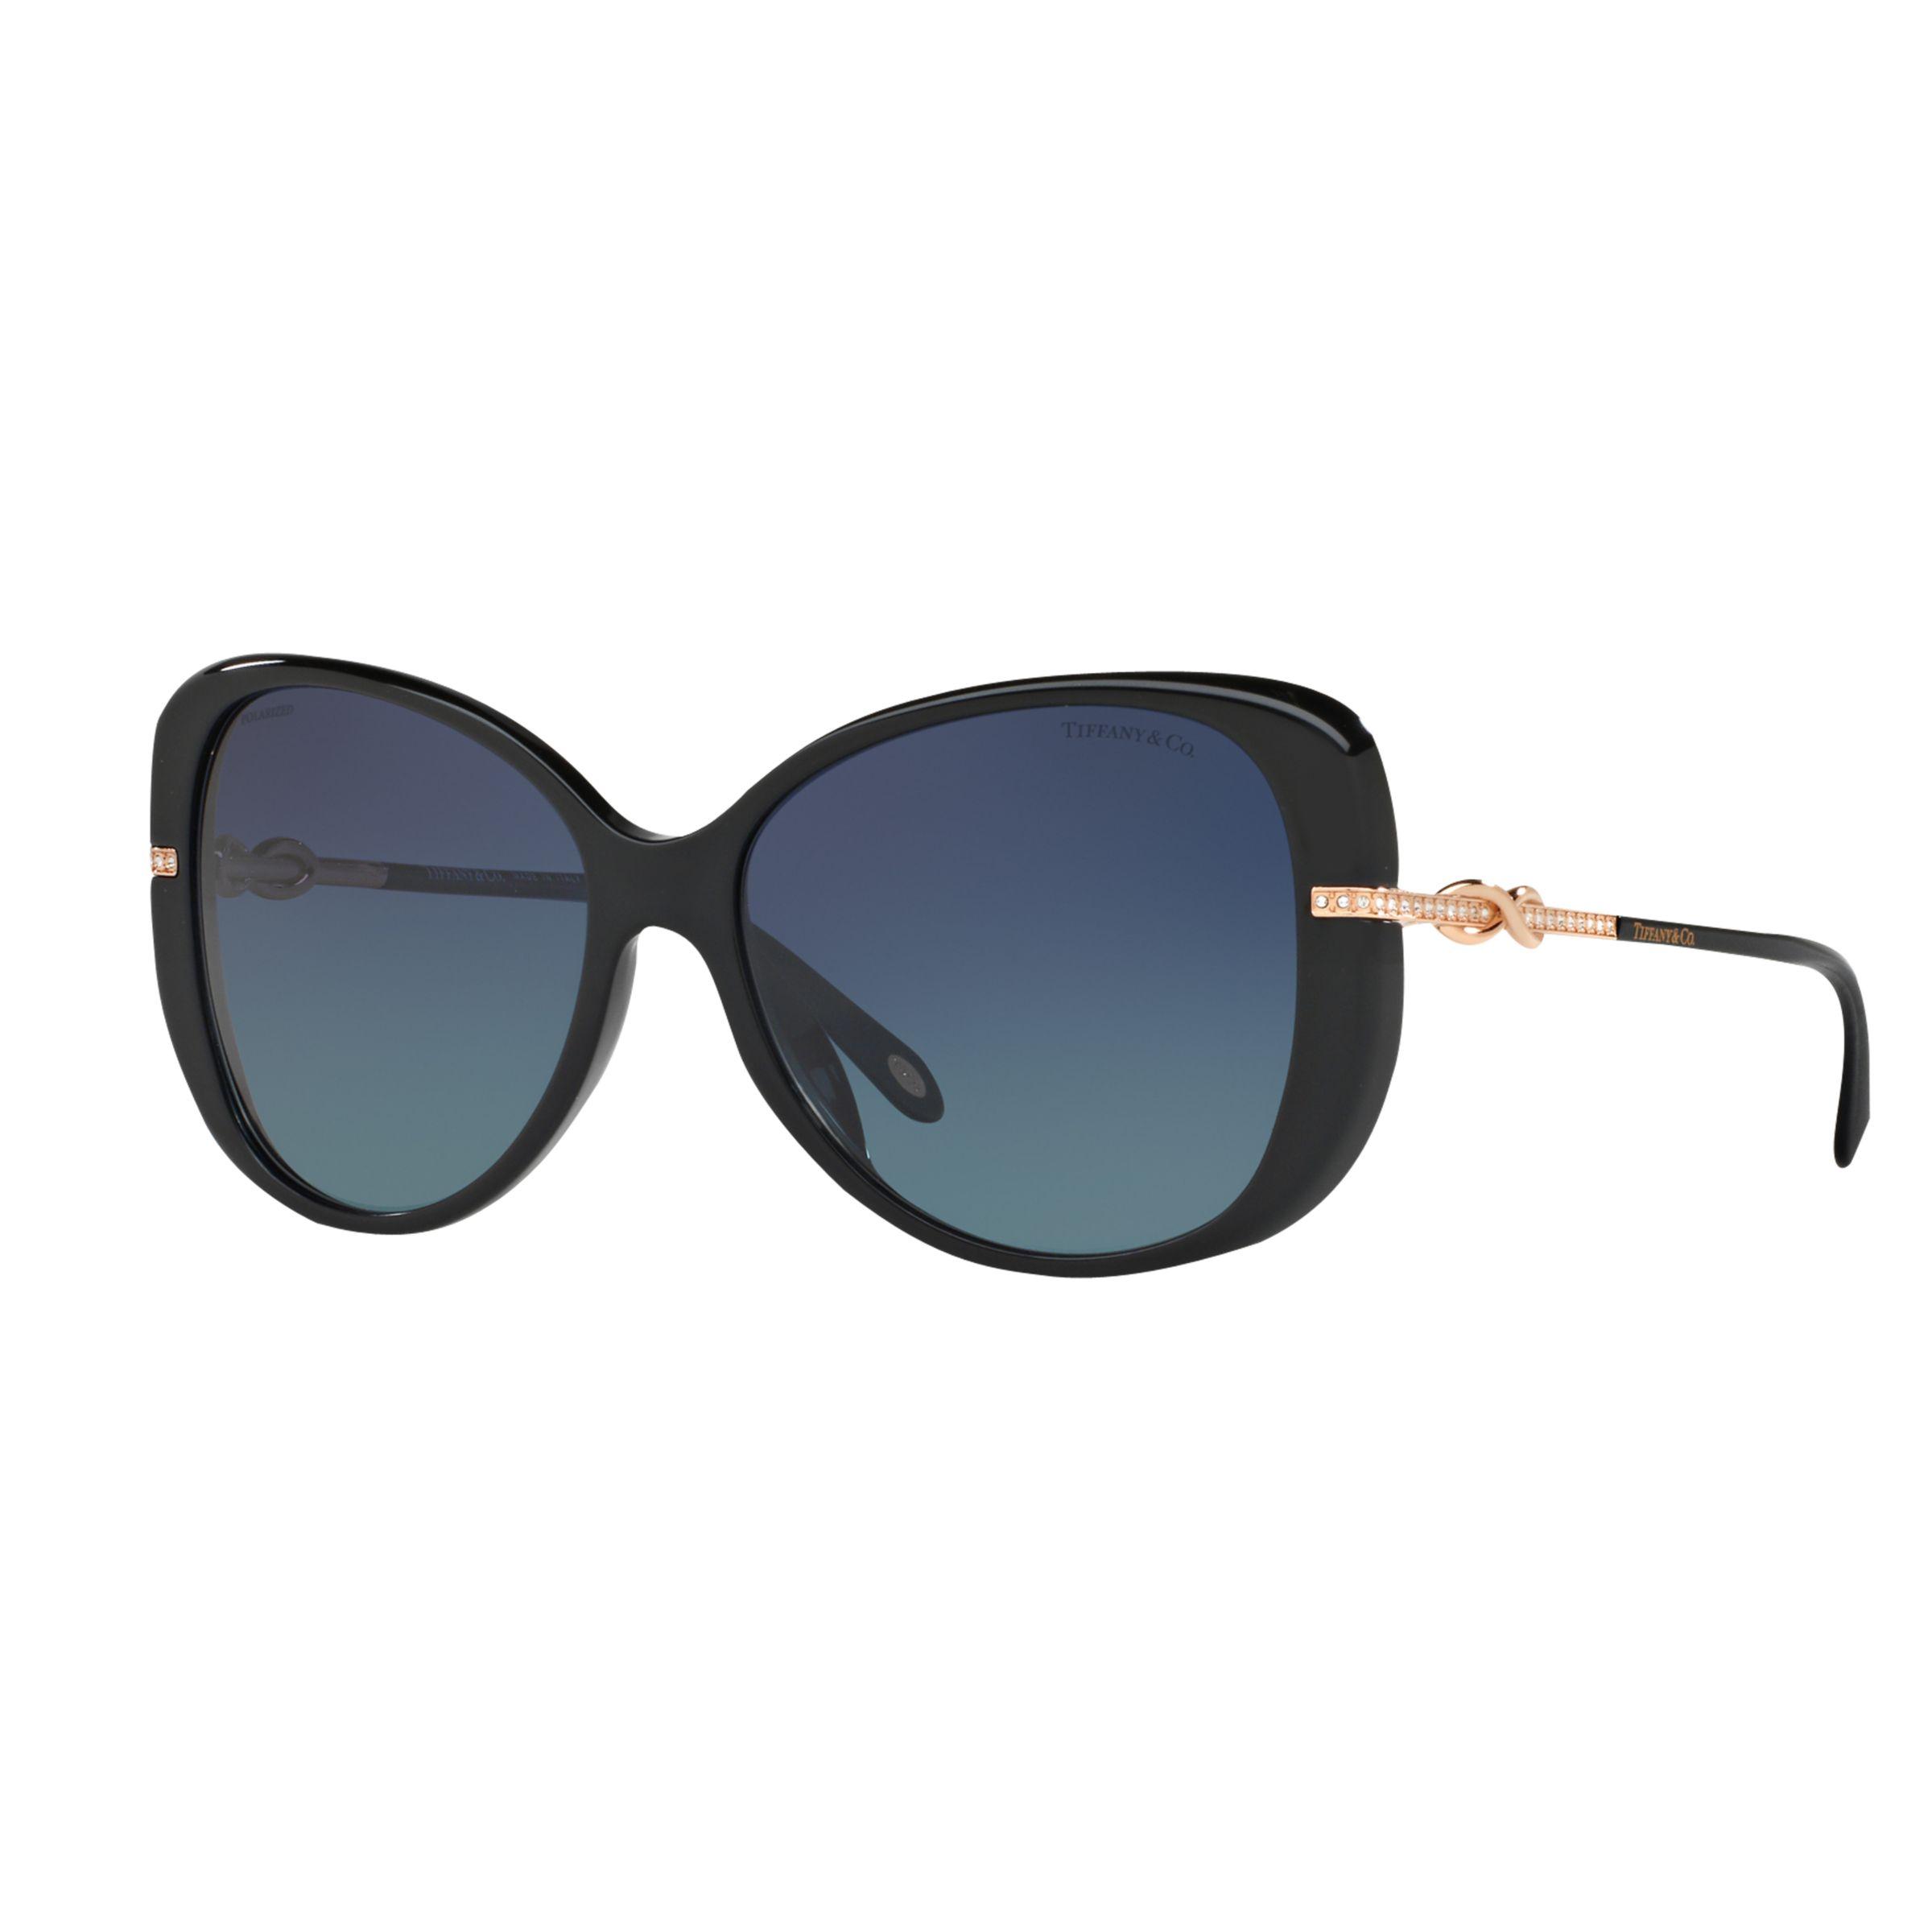 Tiffany & Co Tiffany & Co TF4126B Polarised Embellished Cat's Eye Sunglasses, Polished Black/Blue Gradient